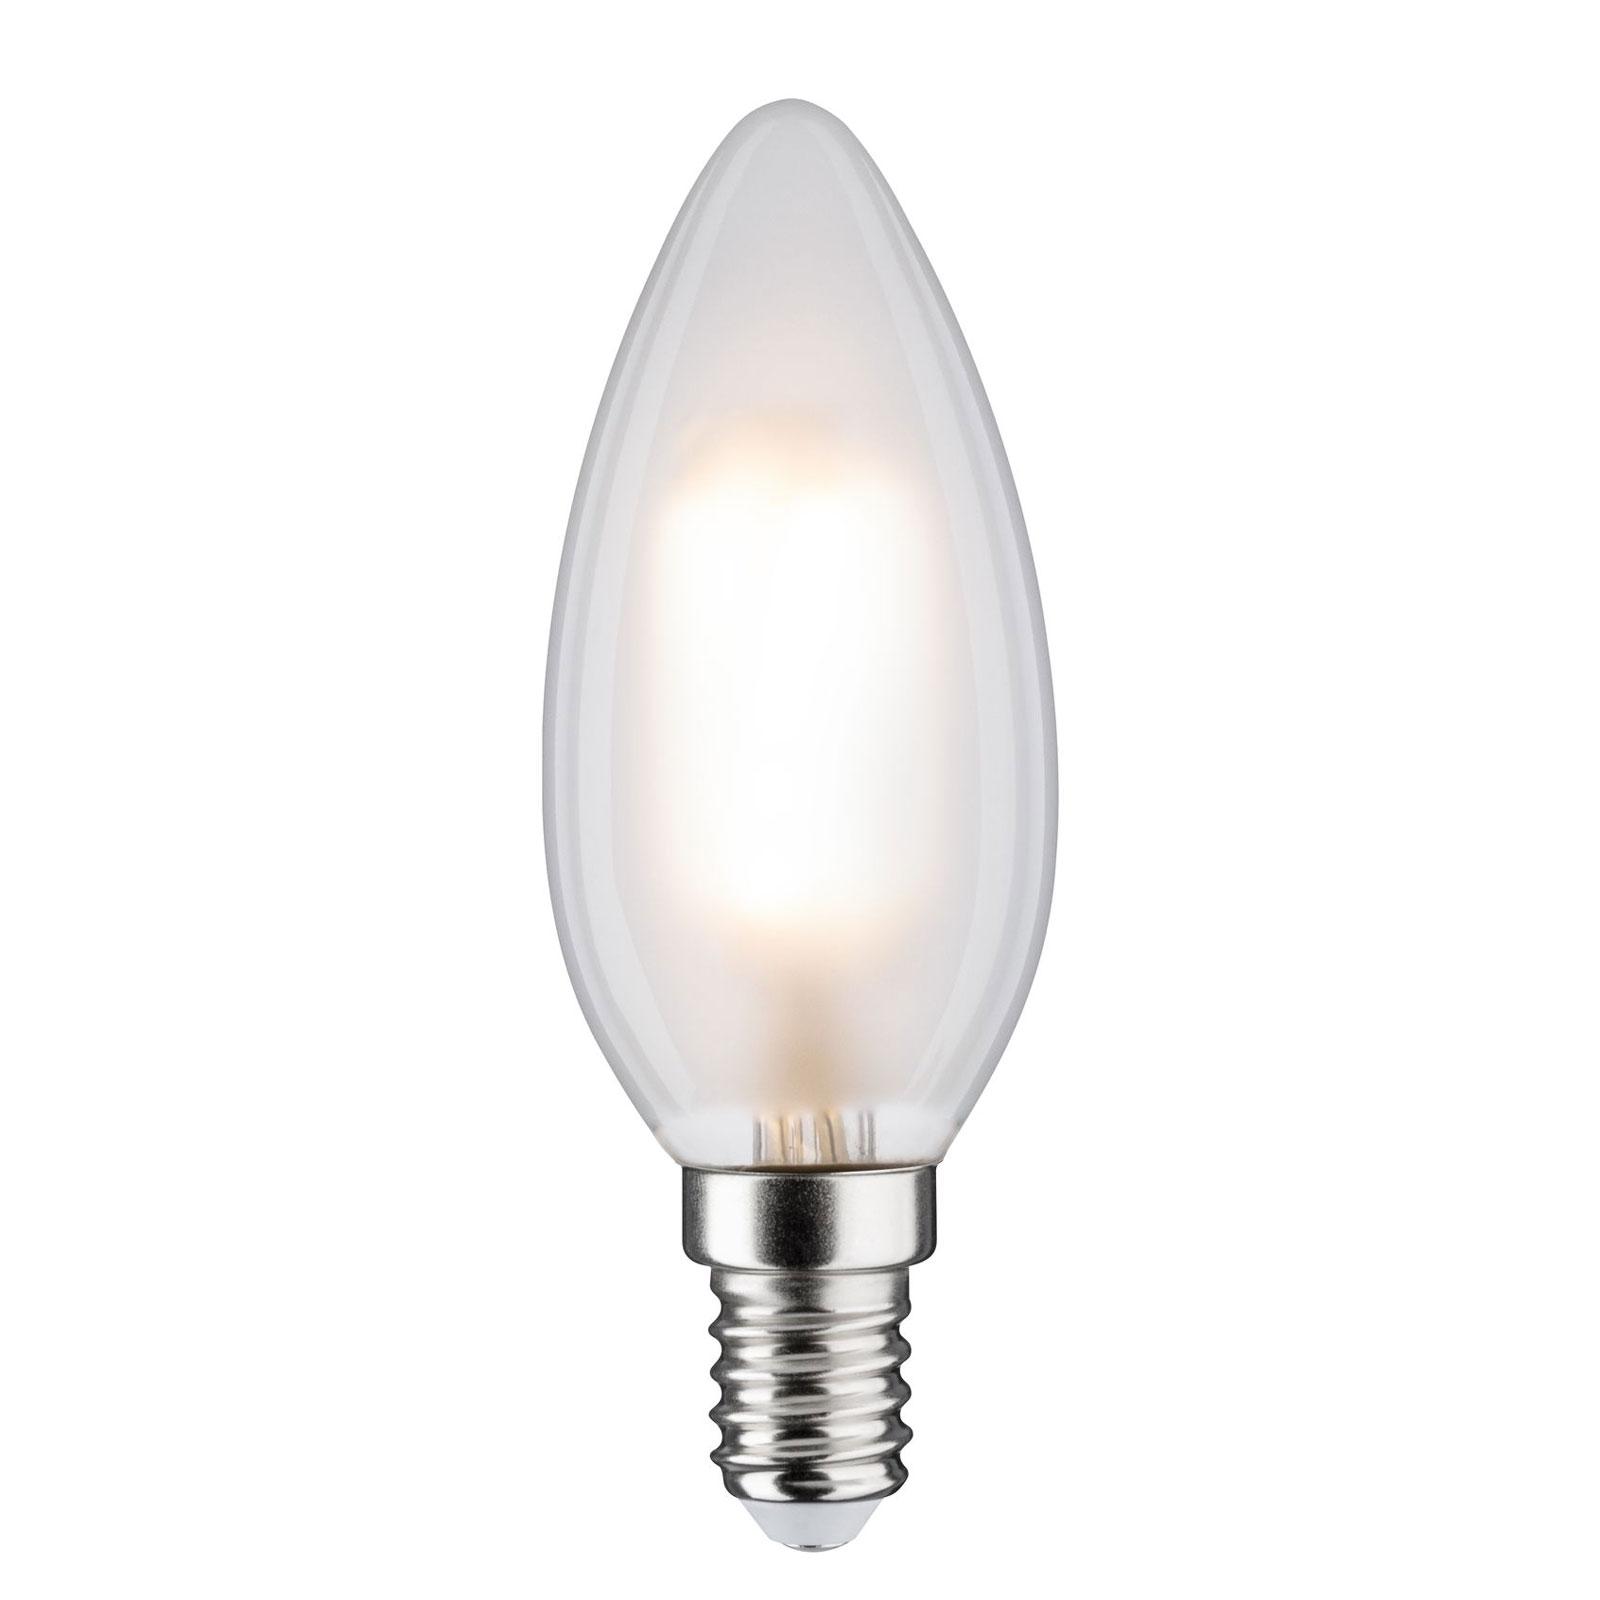 LED-kertepære E14 5W 2.700K, mat, kan dæmpes